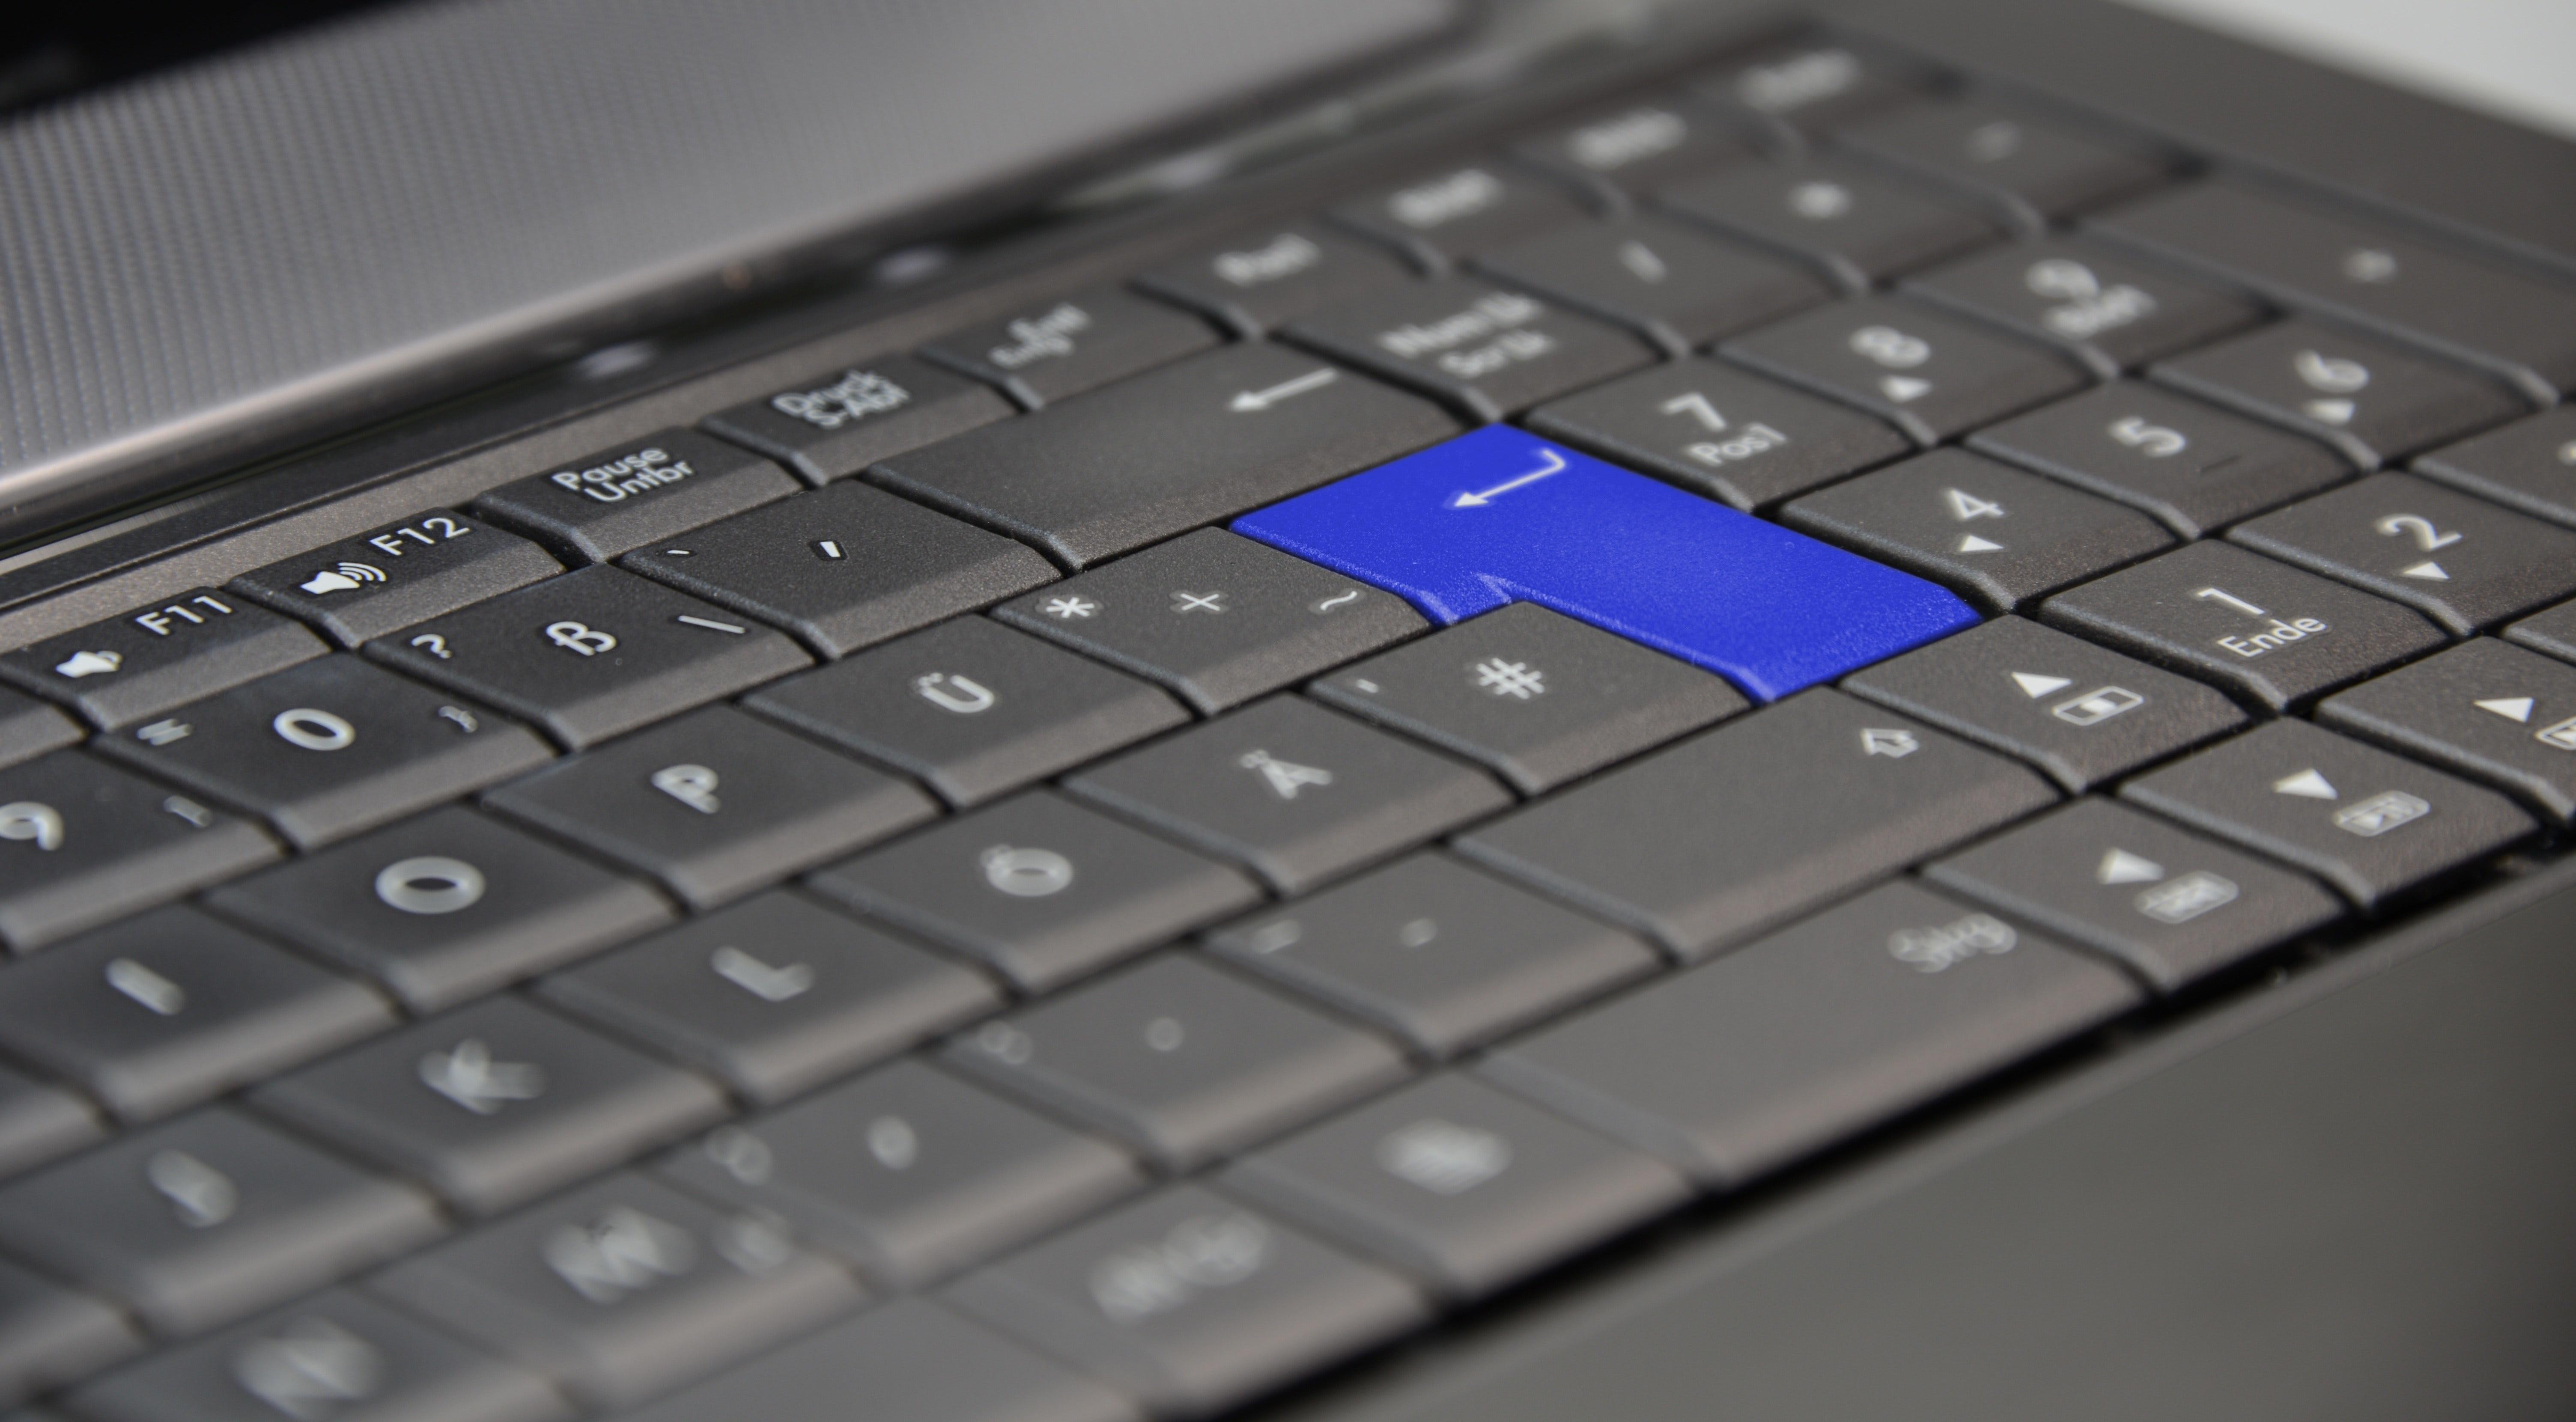 keyboard-with-blue-enter-key-060529-edited